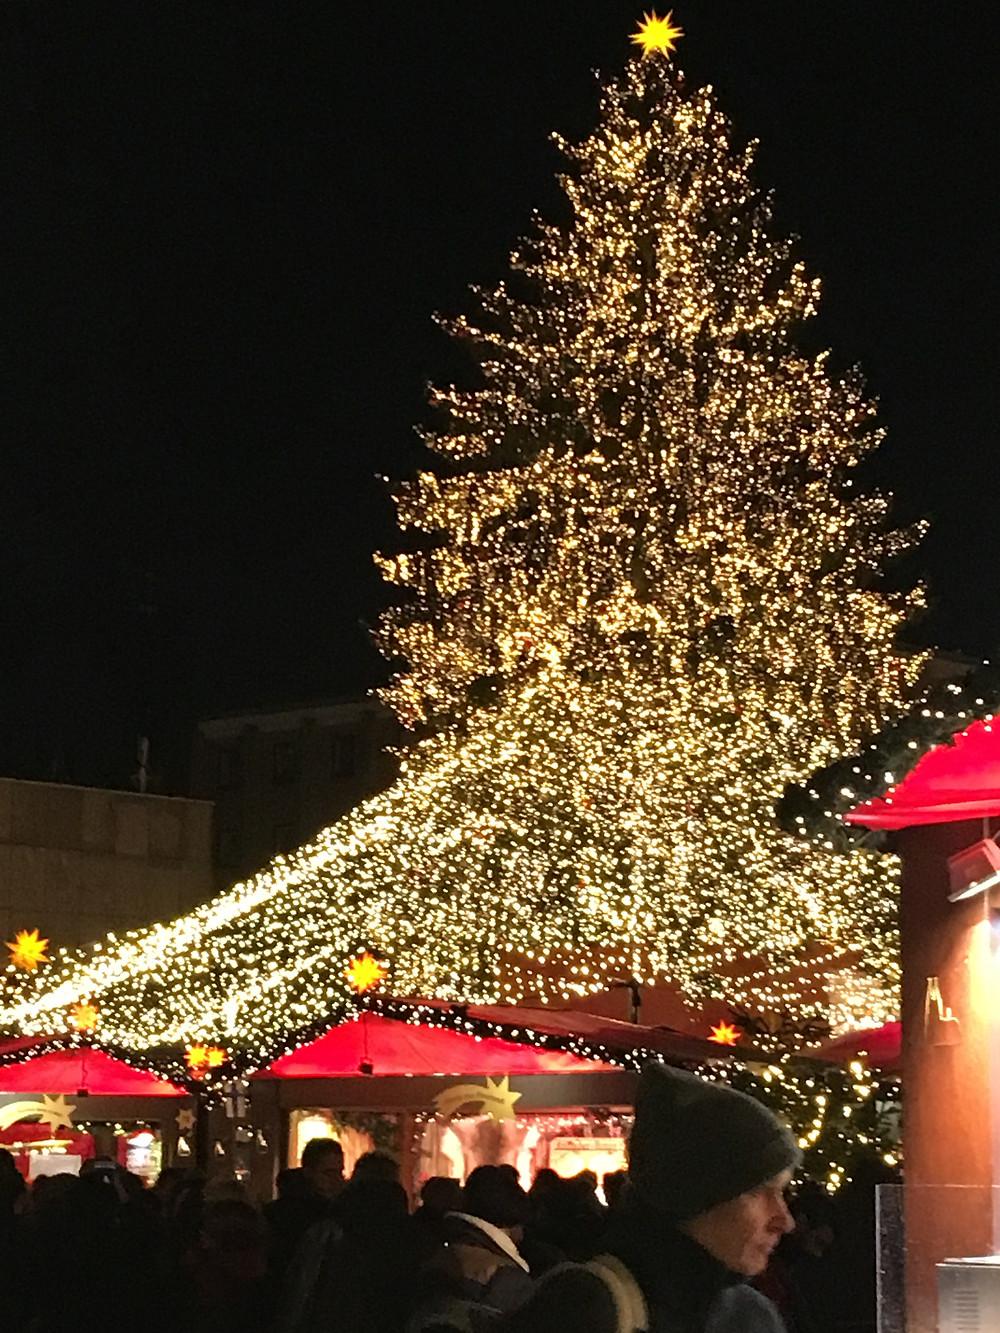 ケルン大聖堂前のクリスマスマーケット